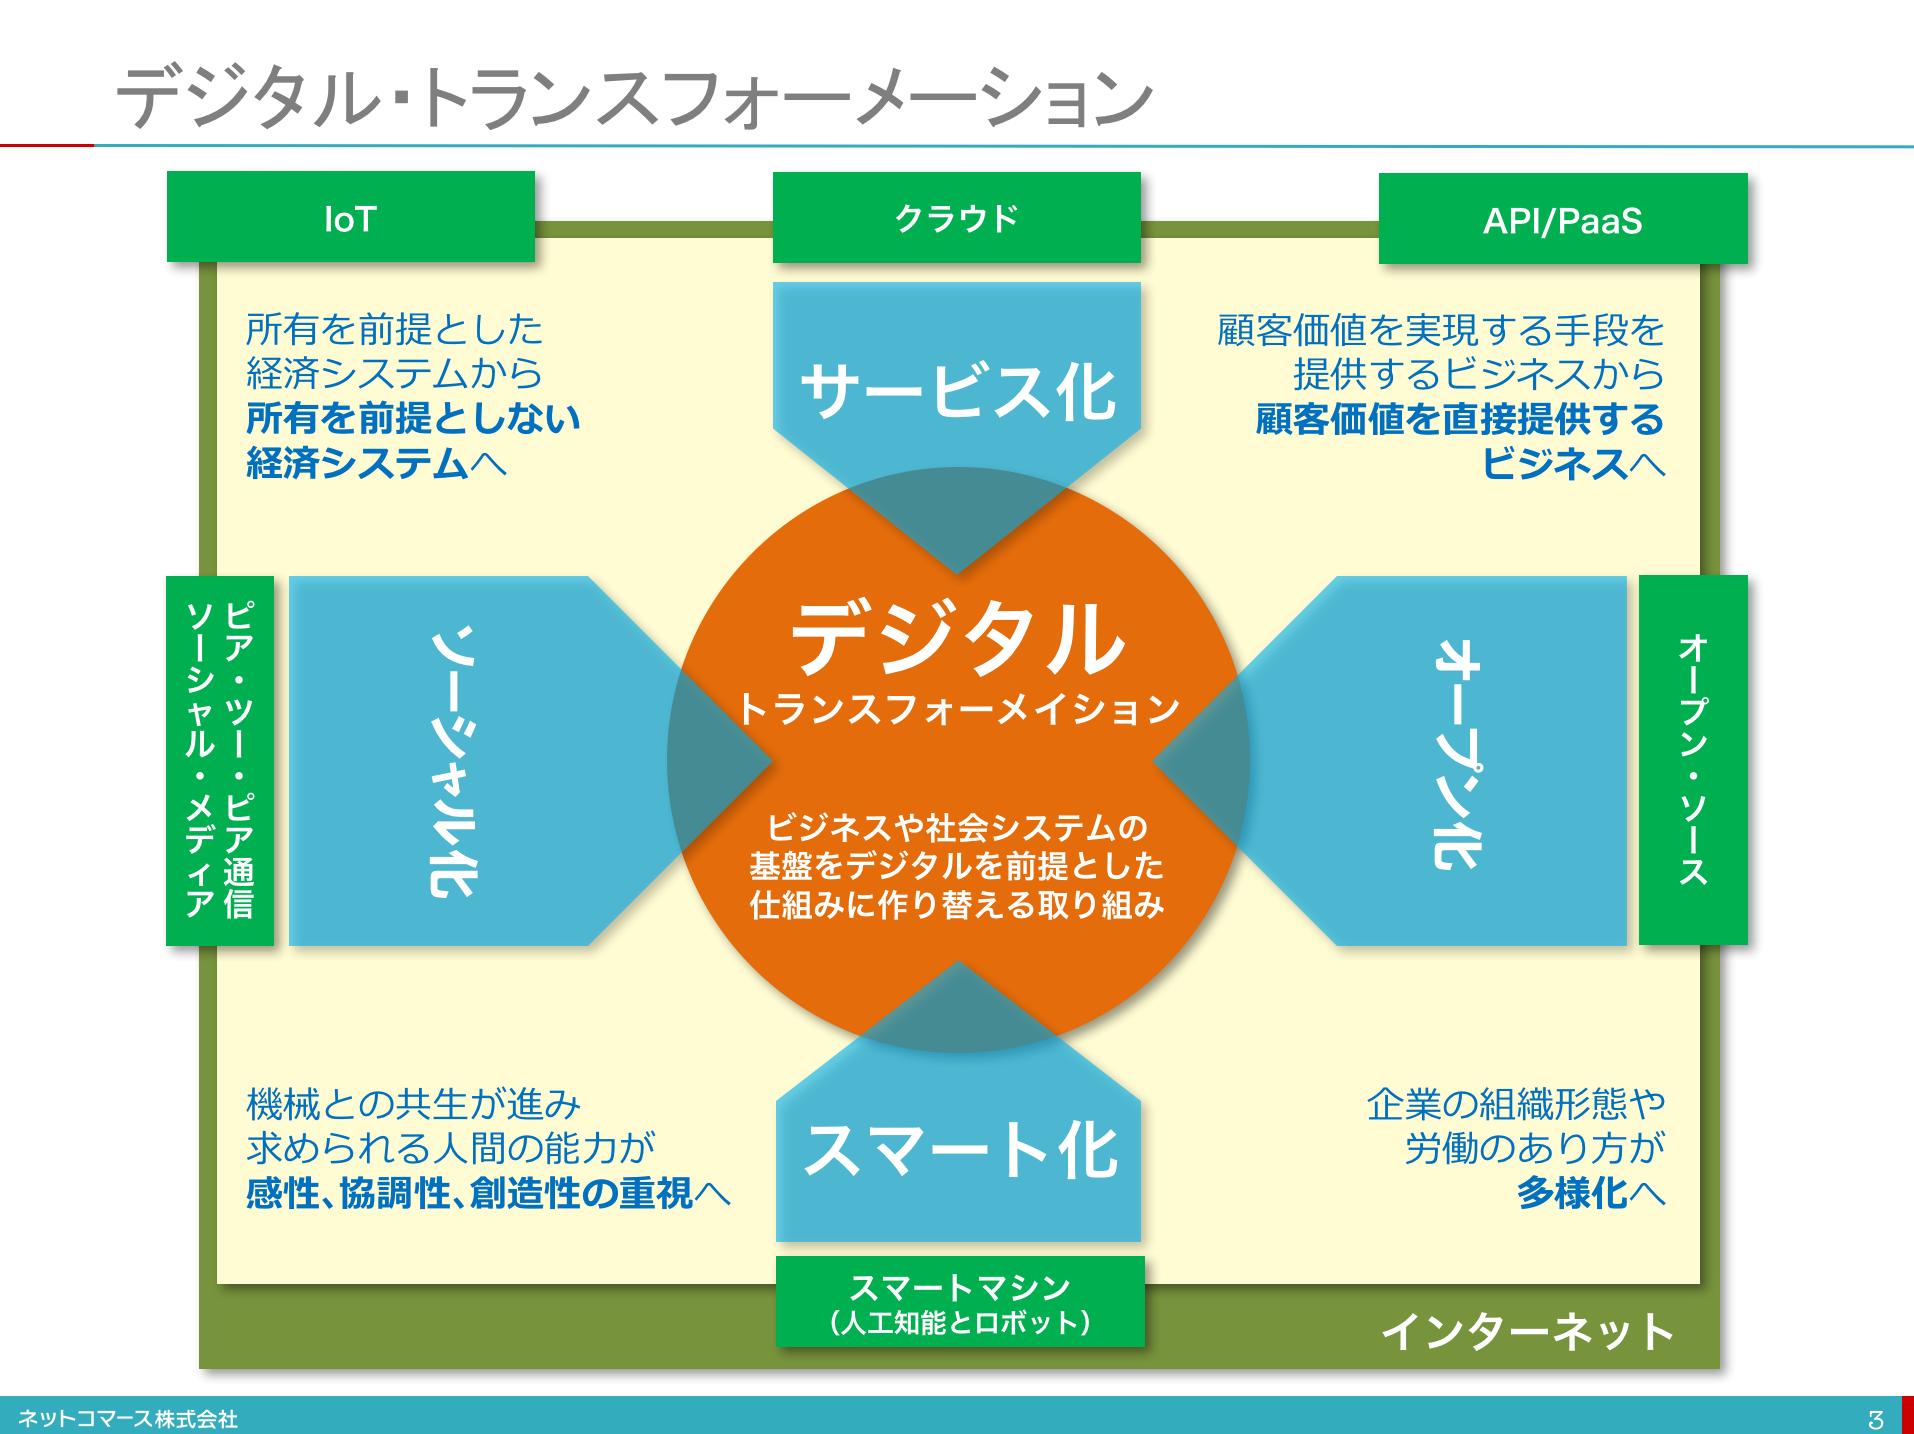 みずほ情報総研 : デジタルトランスフォーメー …